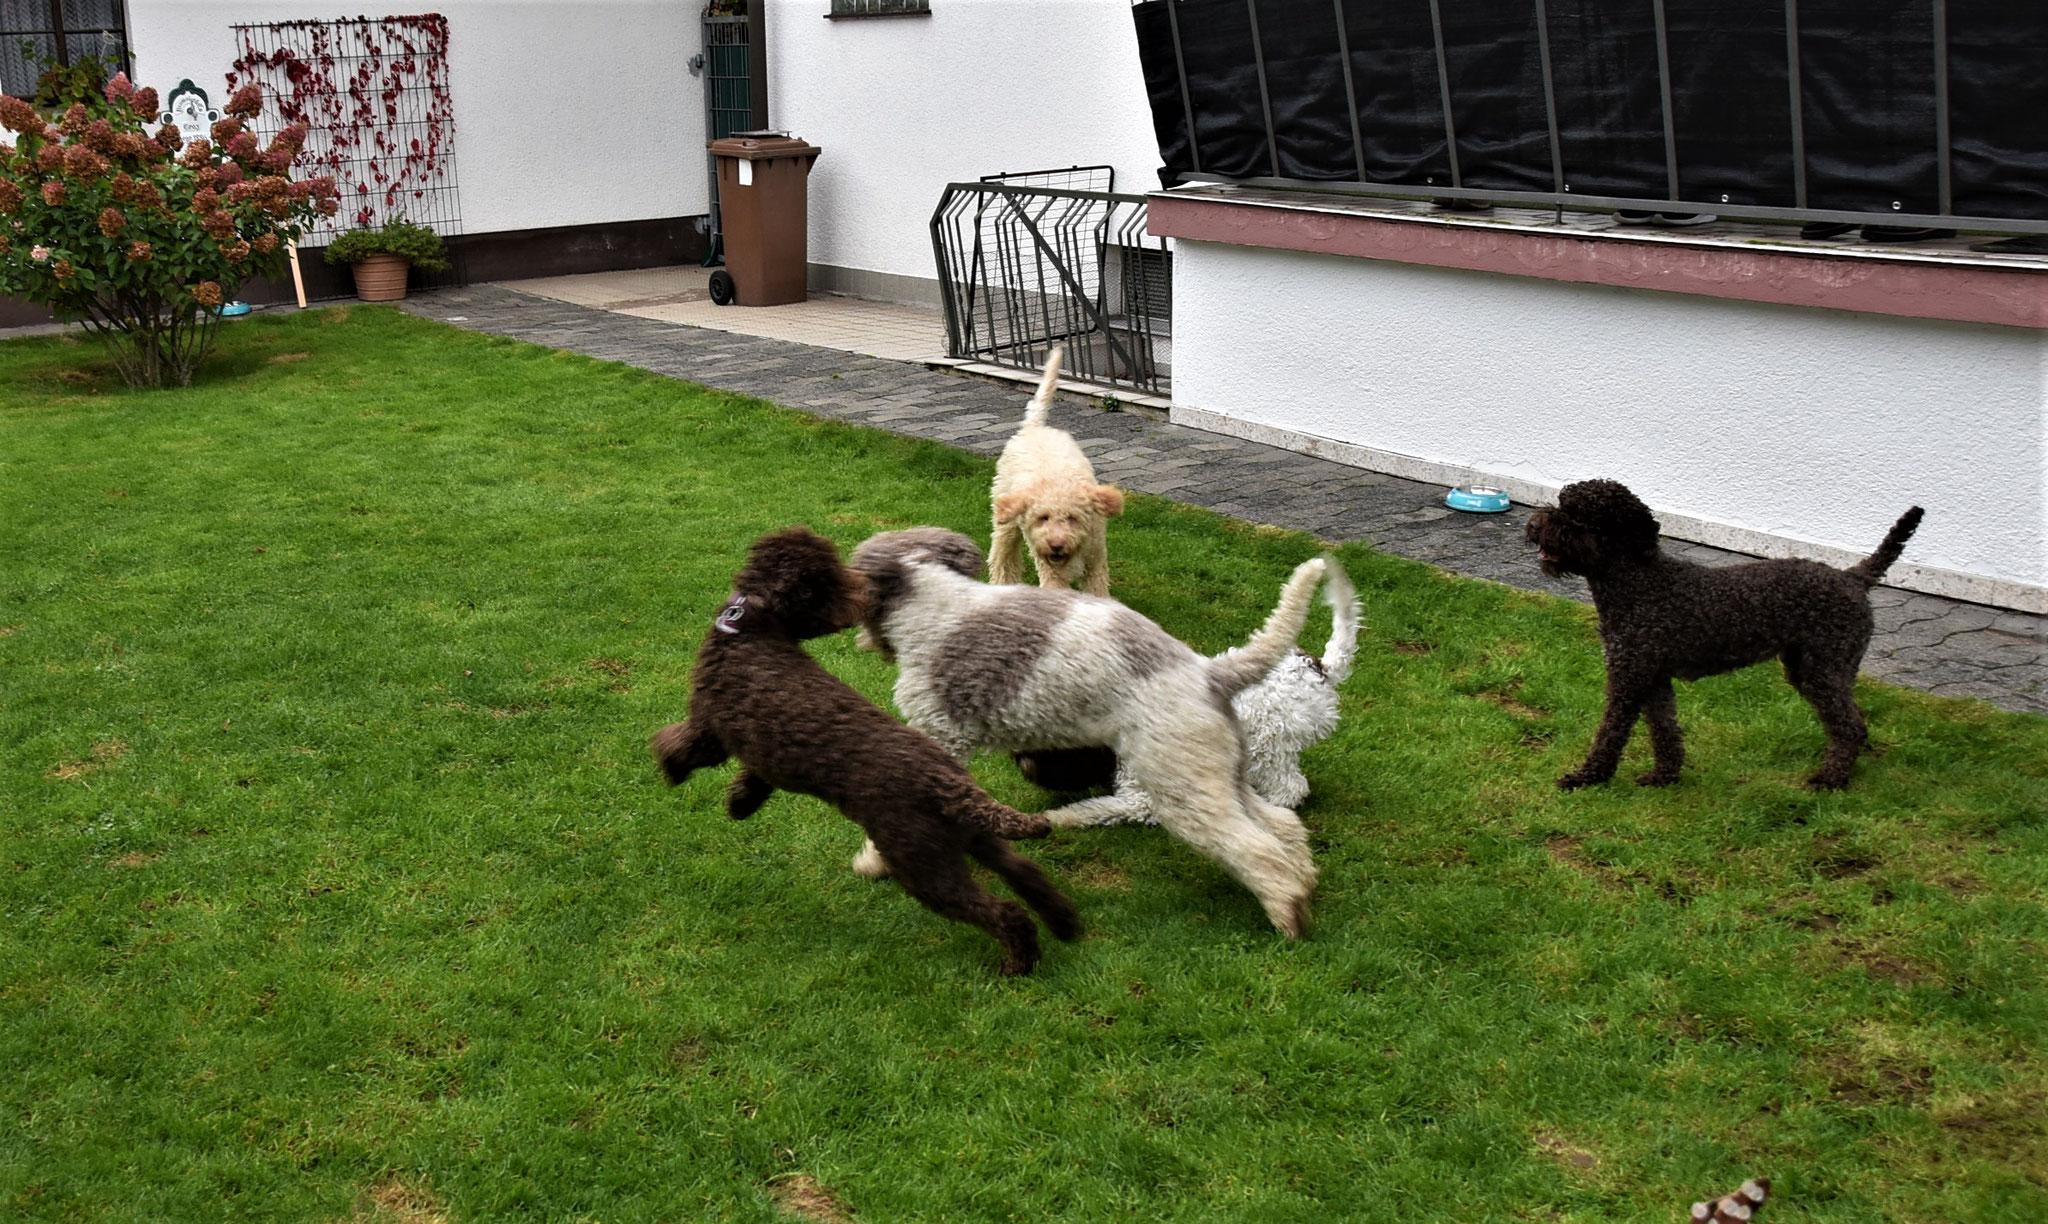 Energie raus lassen, 8 fremde Hunde und doch so harmonisch